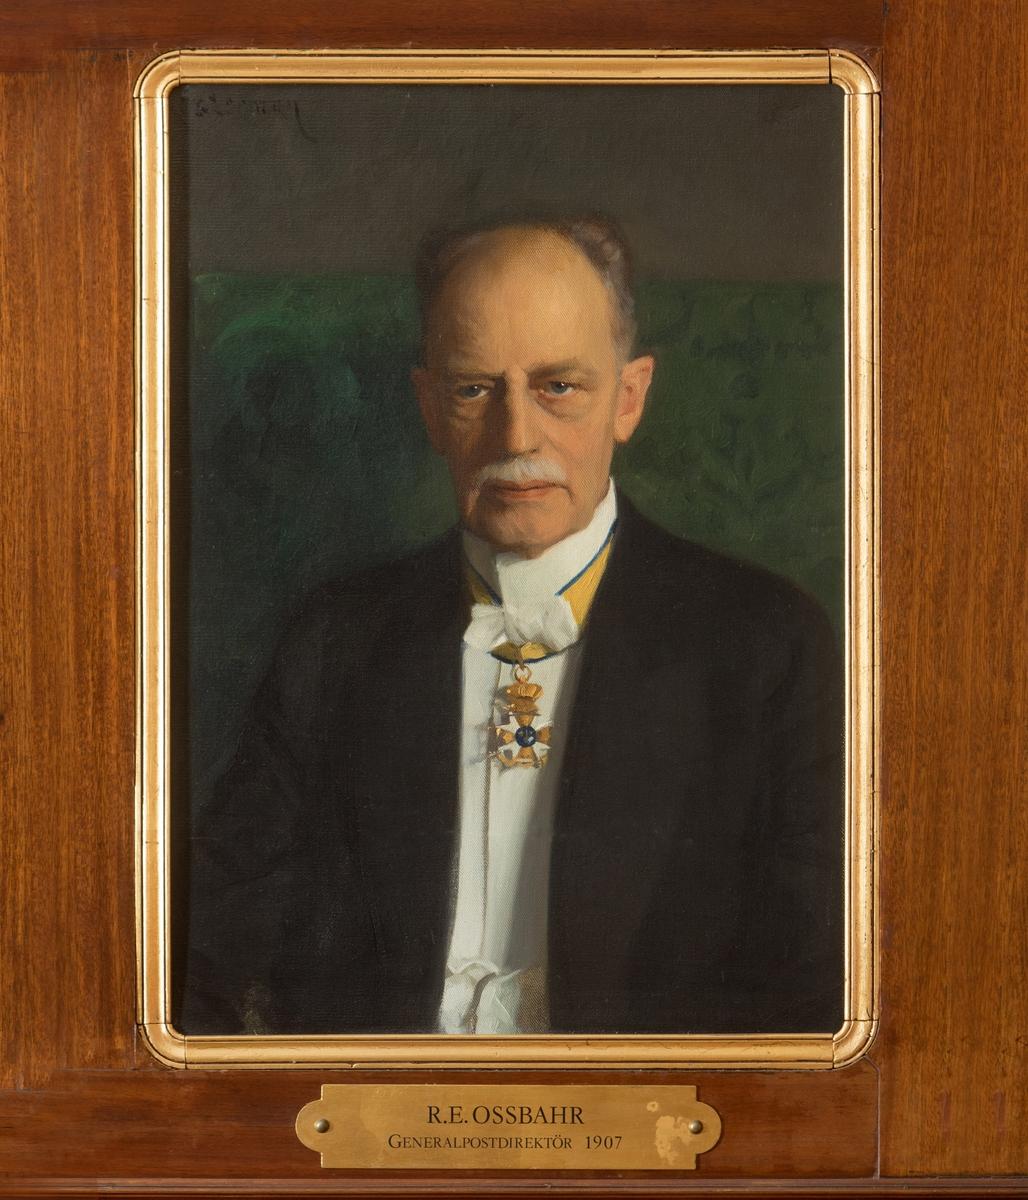 """Porträtt i olja av generalpostdirektör R.E. Ossbahr.  En mässingsskylt med text: """"R.E. Ossbahr, generalpostdirektör, 1907"""" tillhör."""